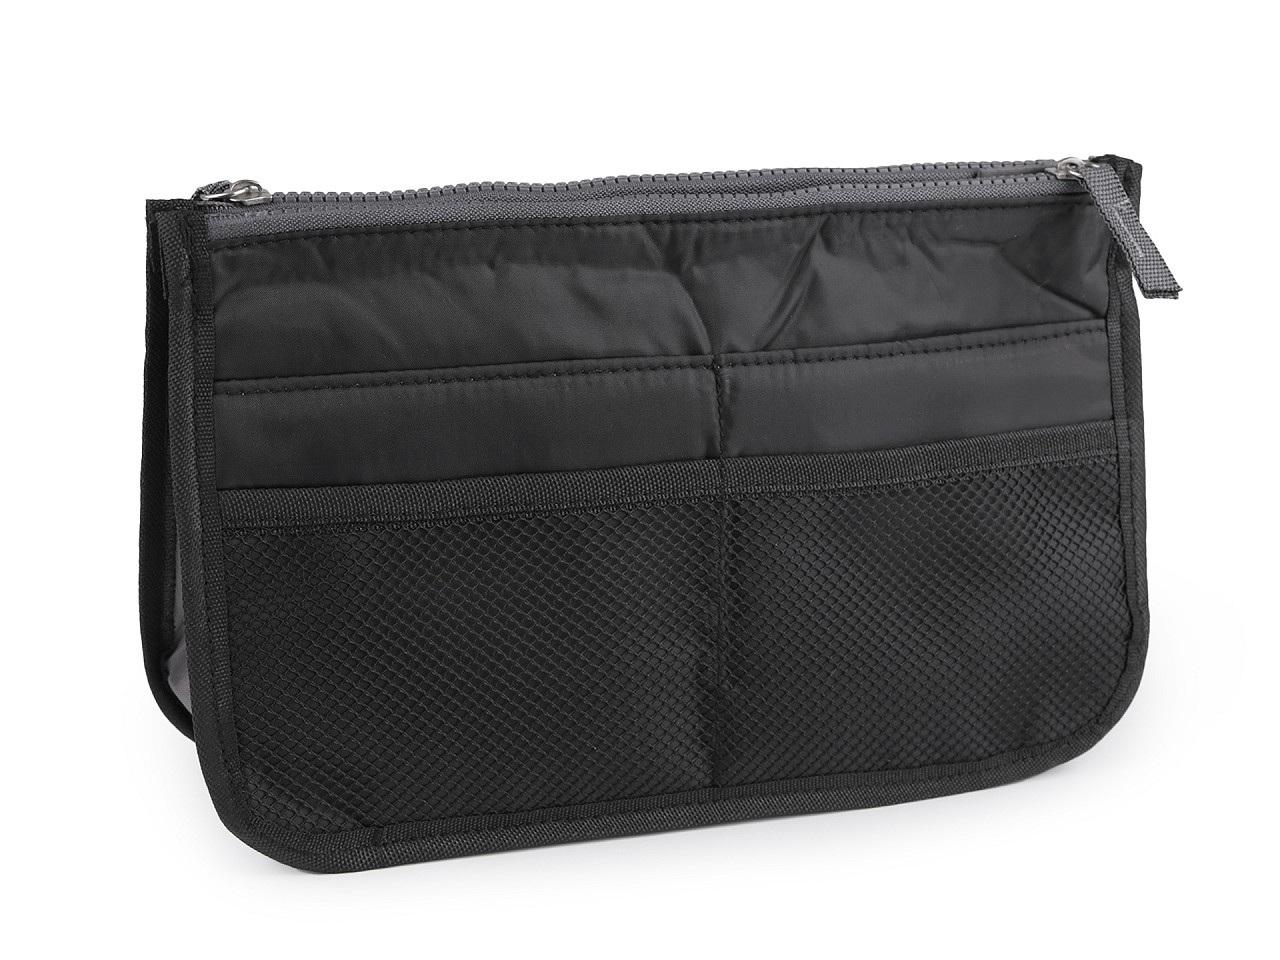 Organizér do kabelky 16x27 cm, barva 8 černá